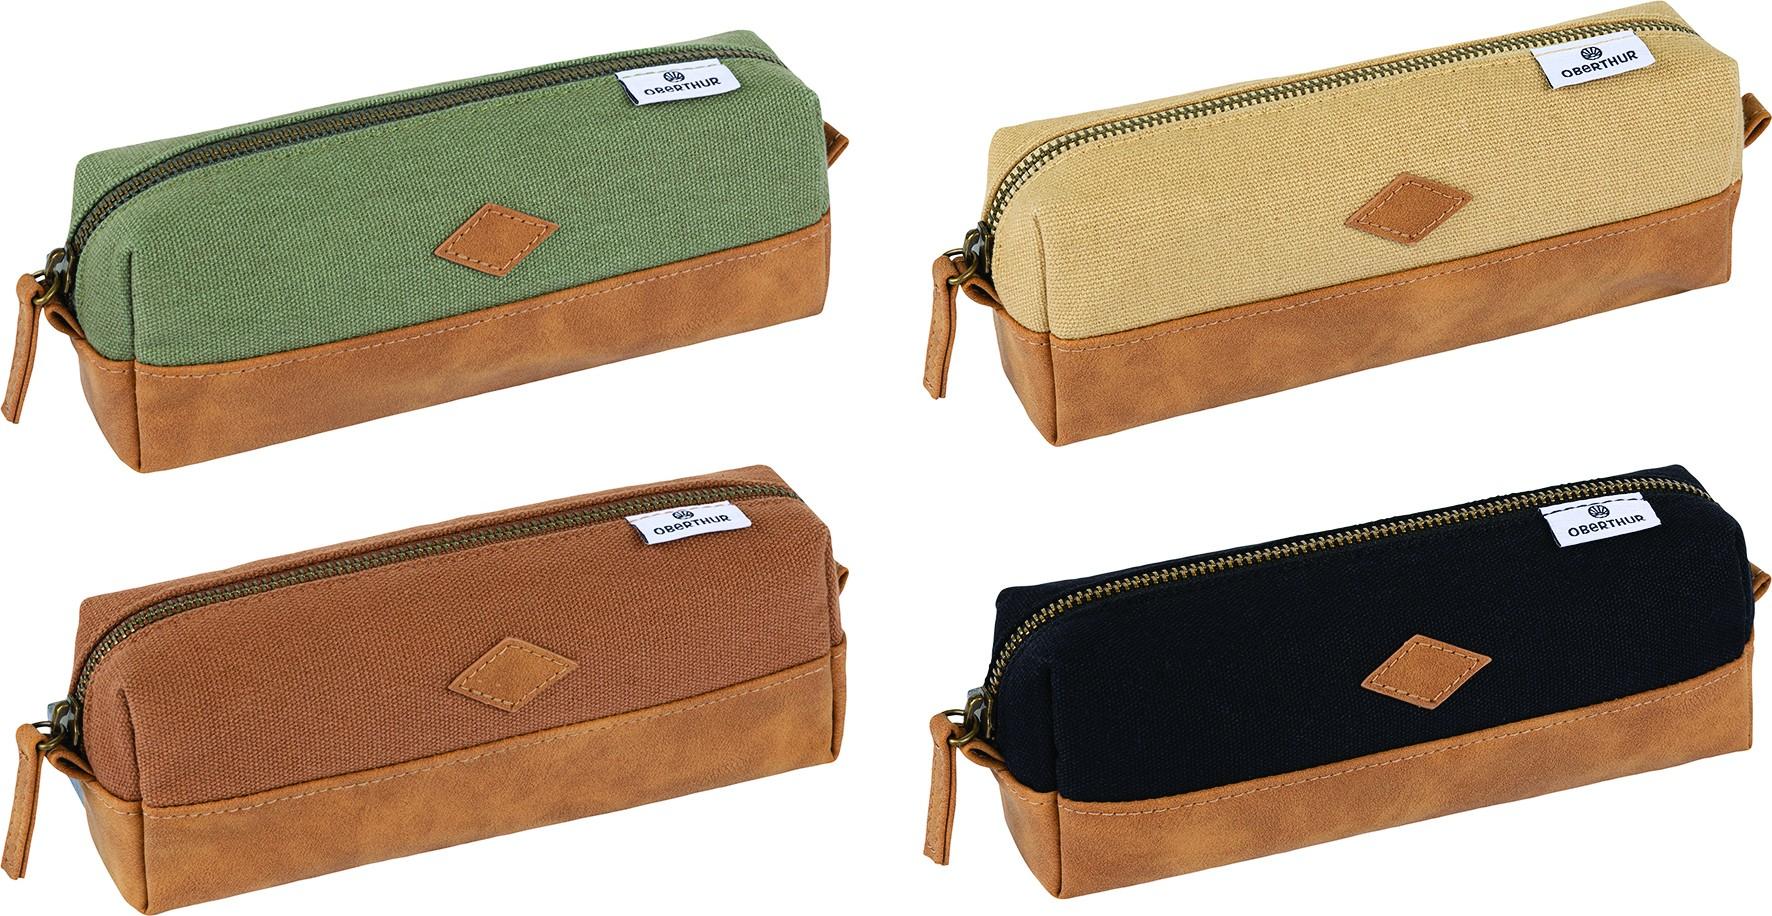 Trousse rectangulaire Colors Arizona - 1 compartiment - 4 coloris disponibles - Oberthur